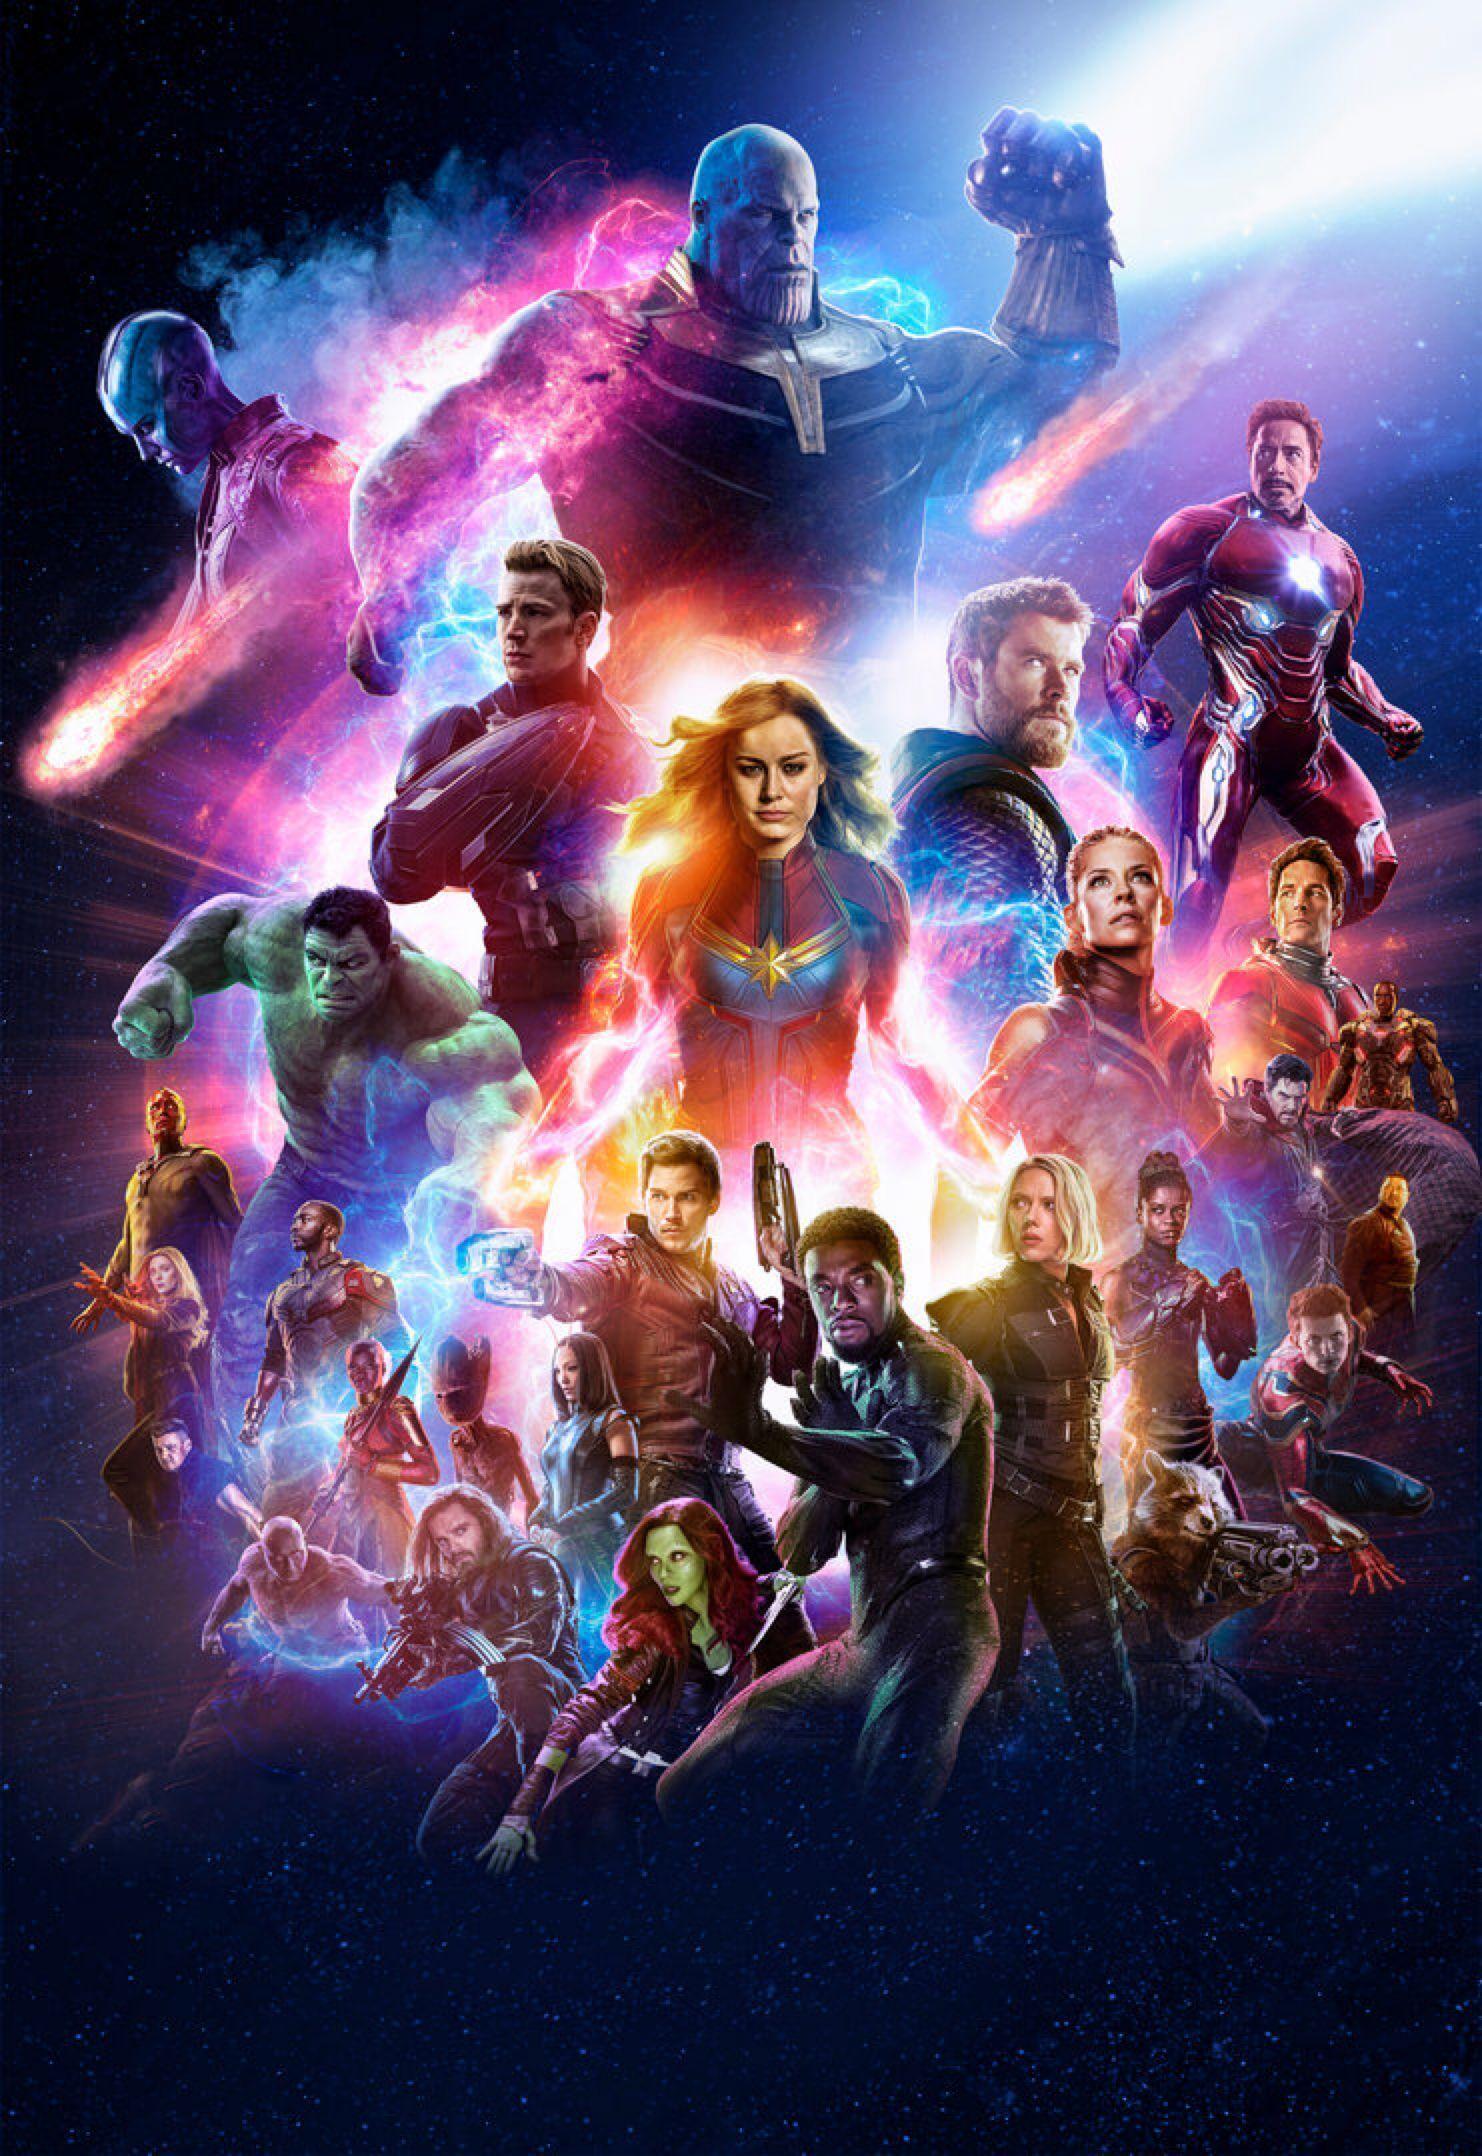 Superheroes Endgame Wallpapers Top Free Superheroes Endgame